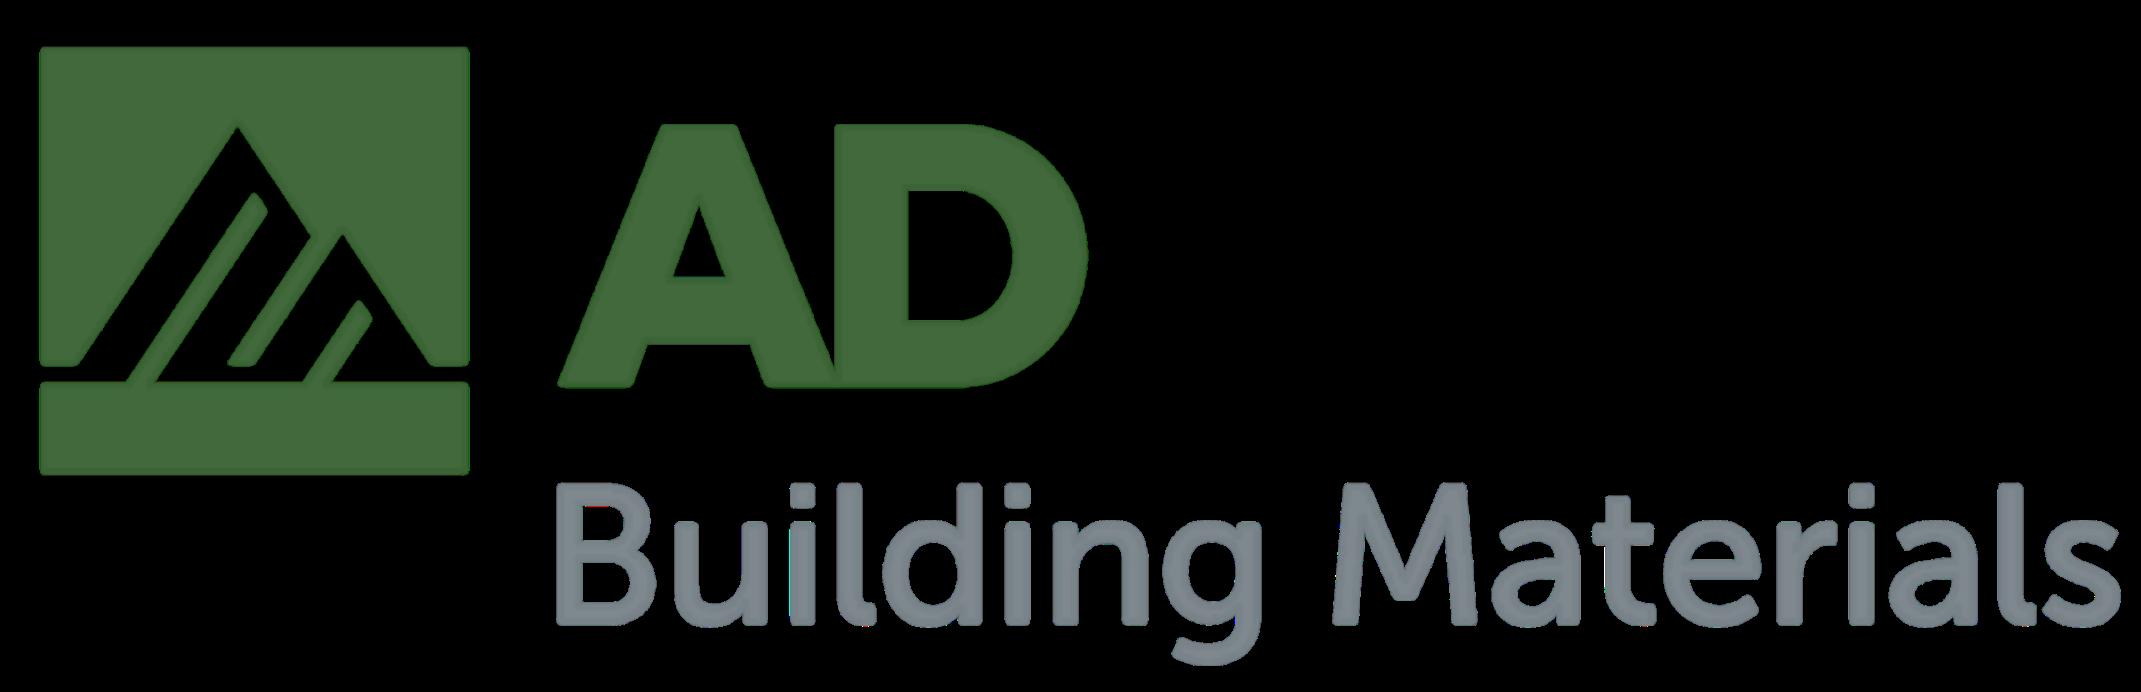 ad_building_materials_pms.png